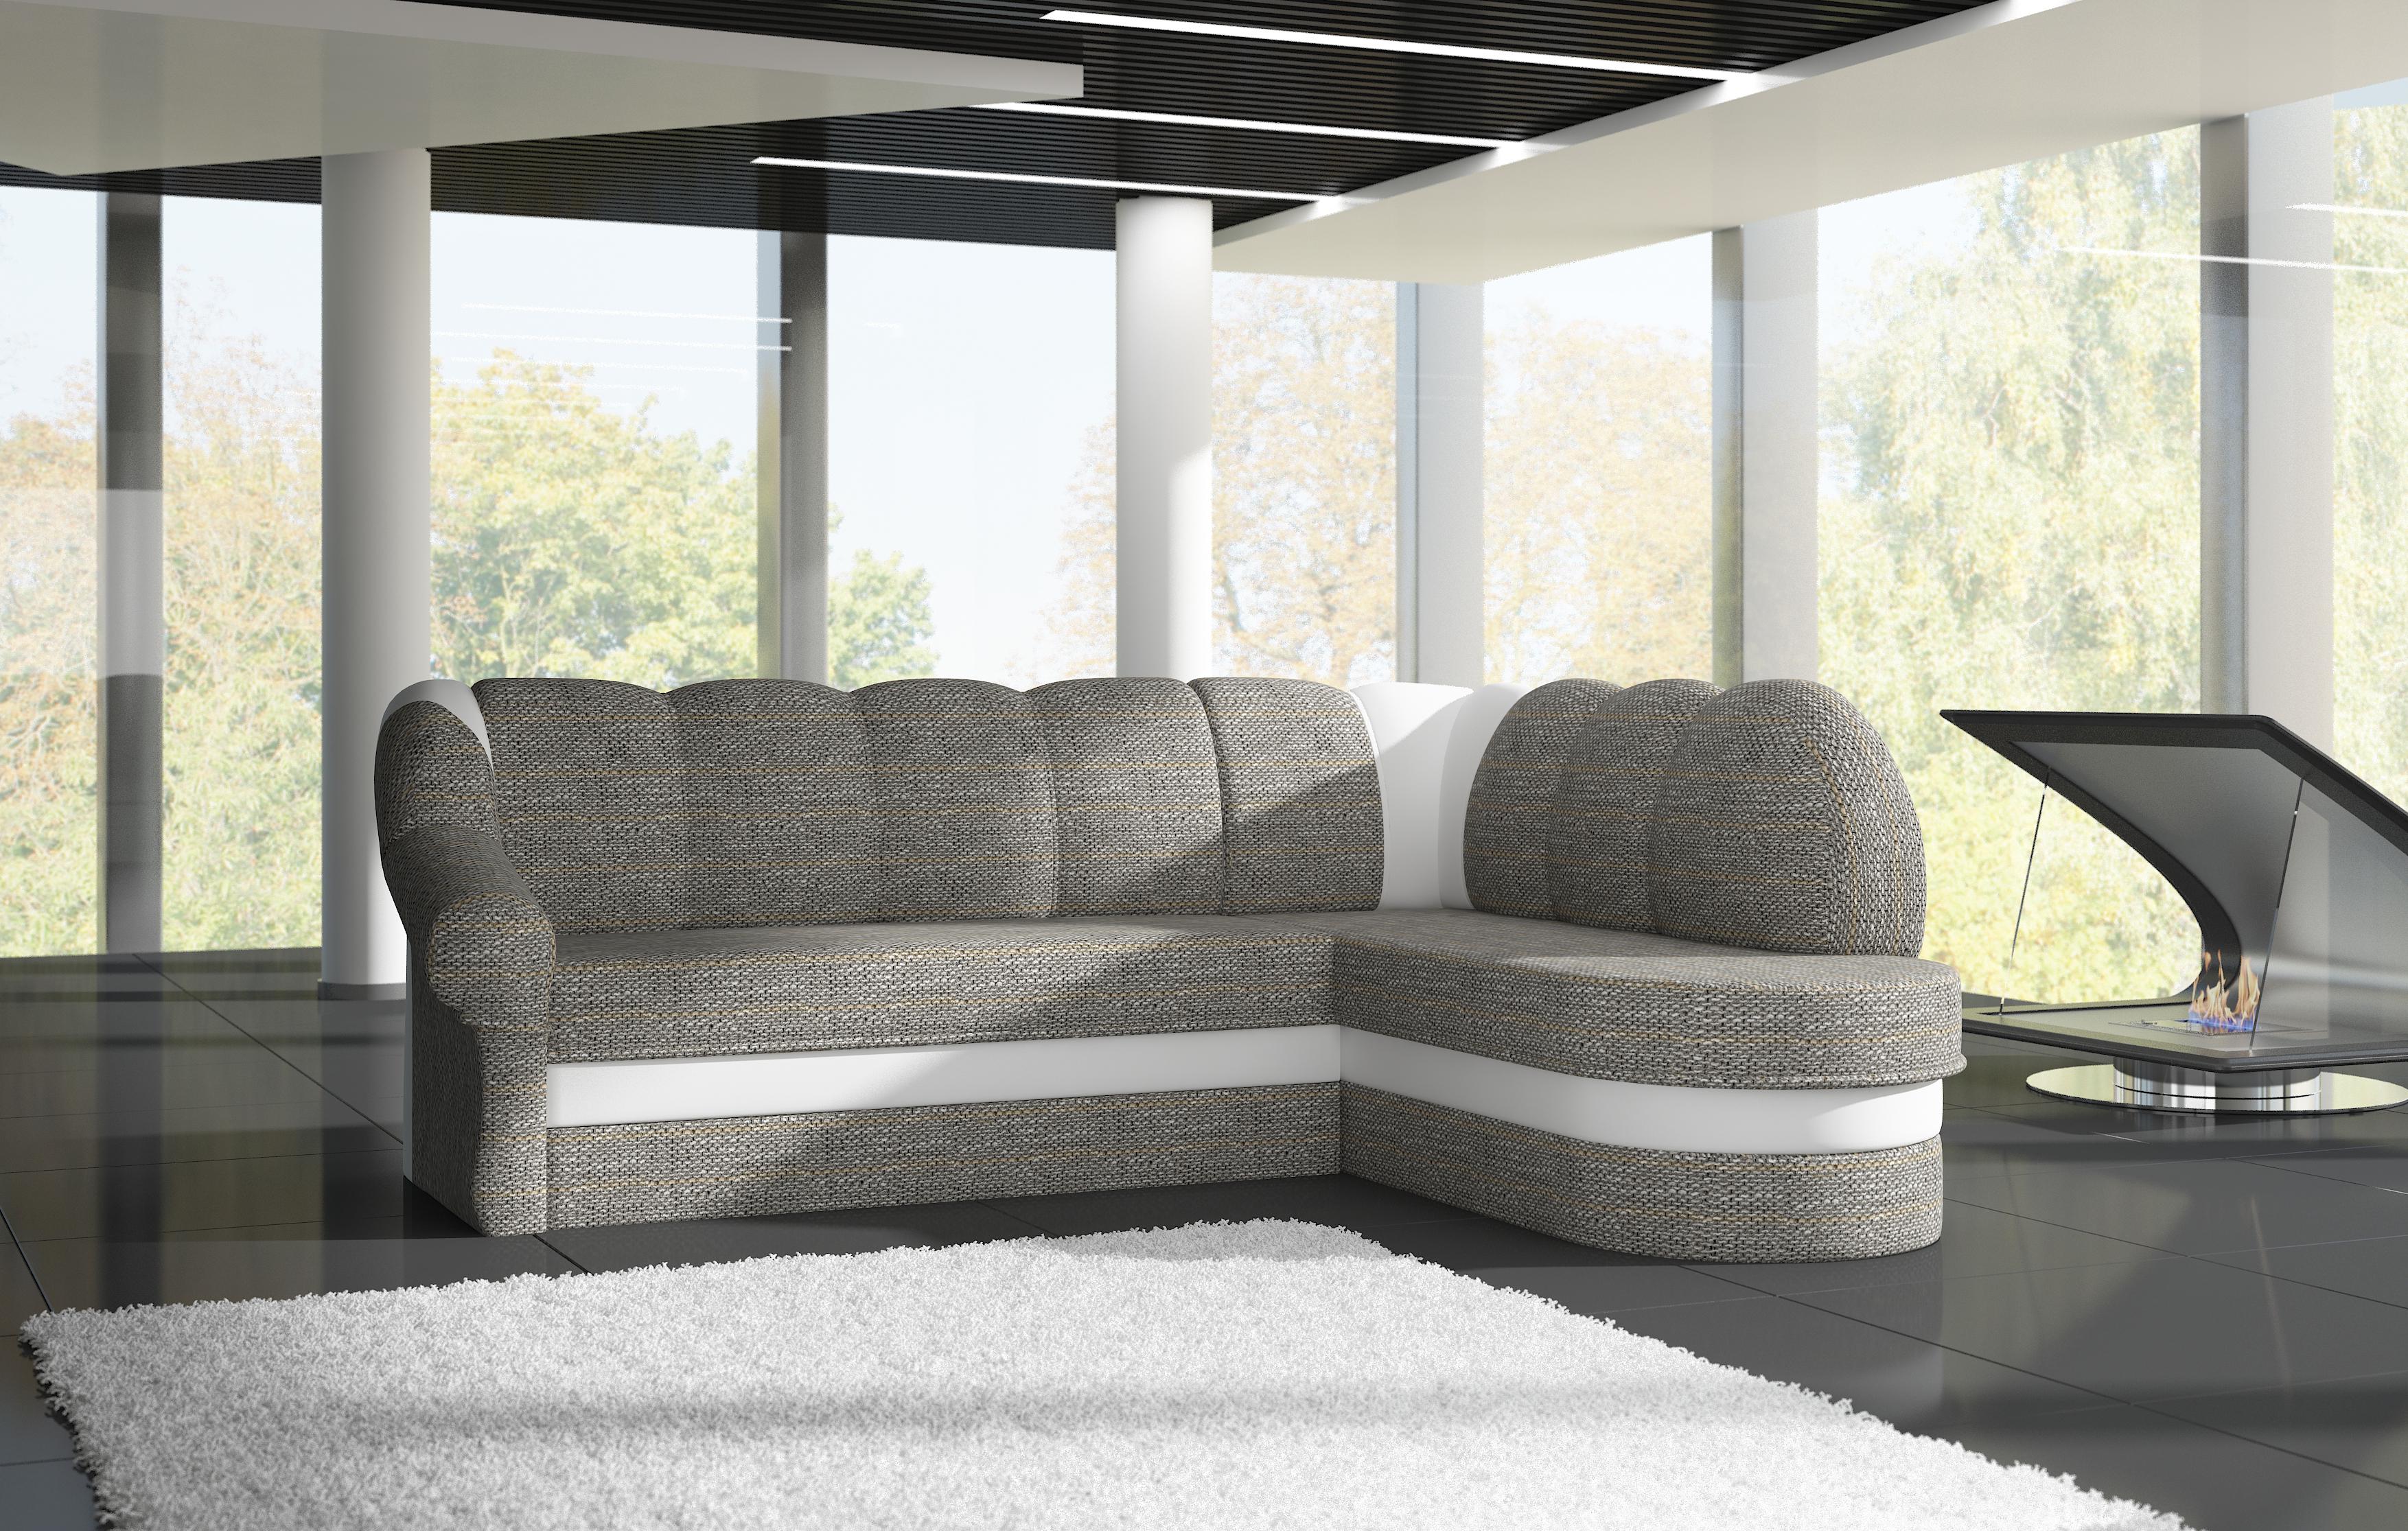 Rohová sedačka TONIL, pravá, šedá látka/bílá ekokůže